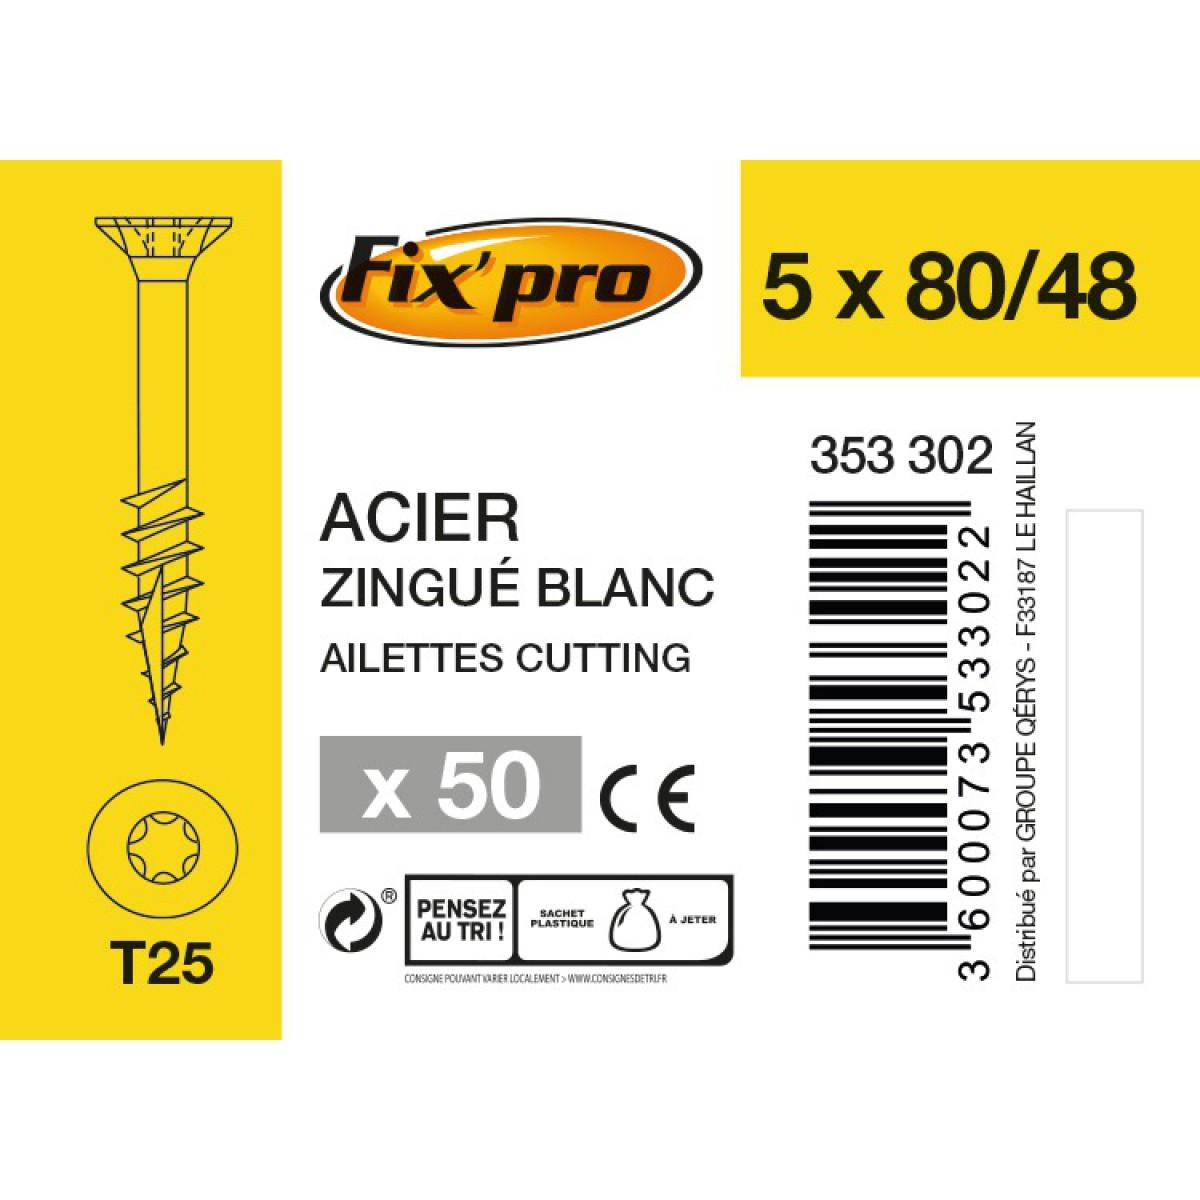 Vis à bois tête fraisée TX - 5x80/48 - 50pces - Fixpro